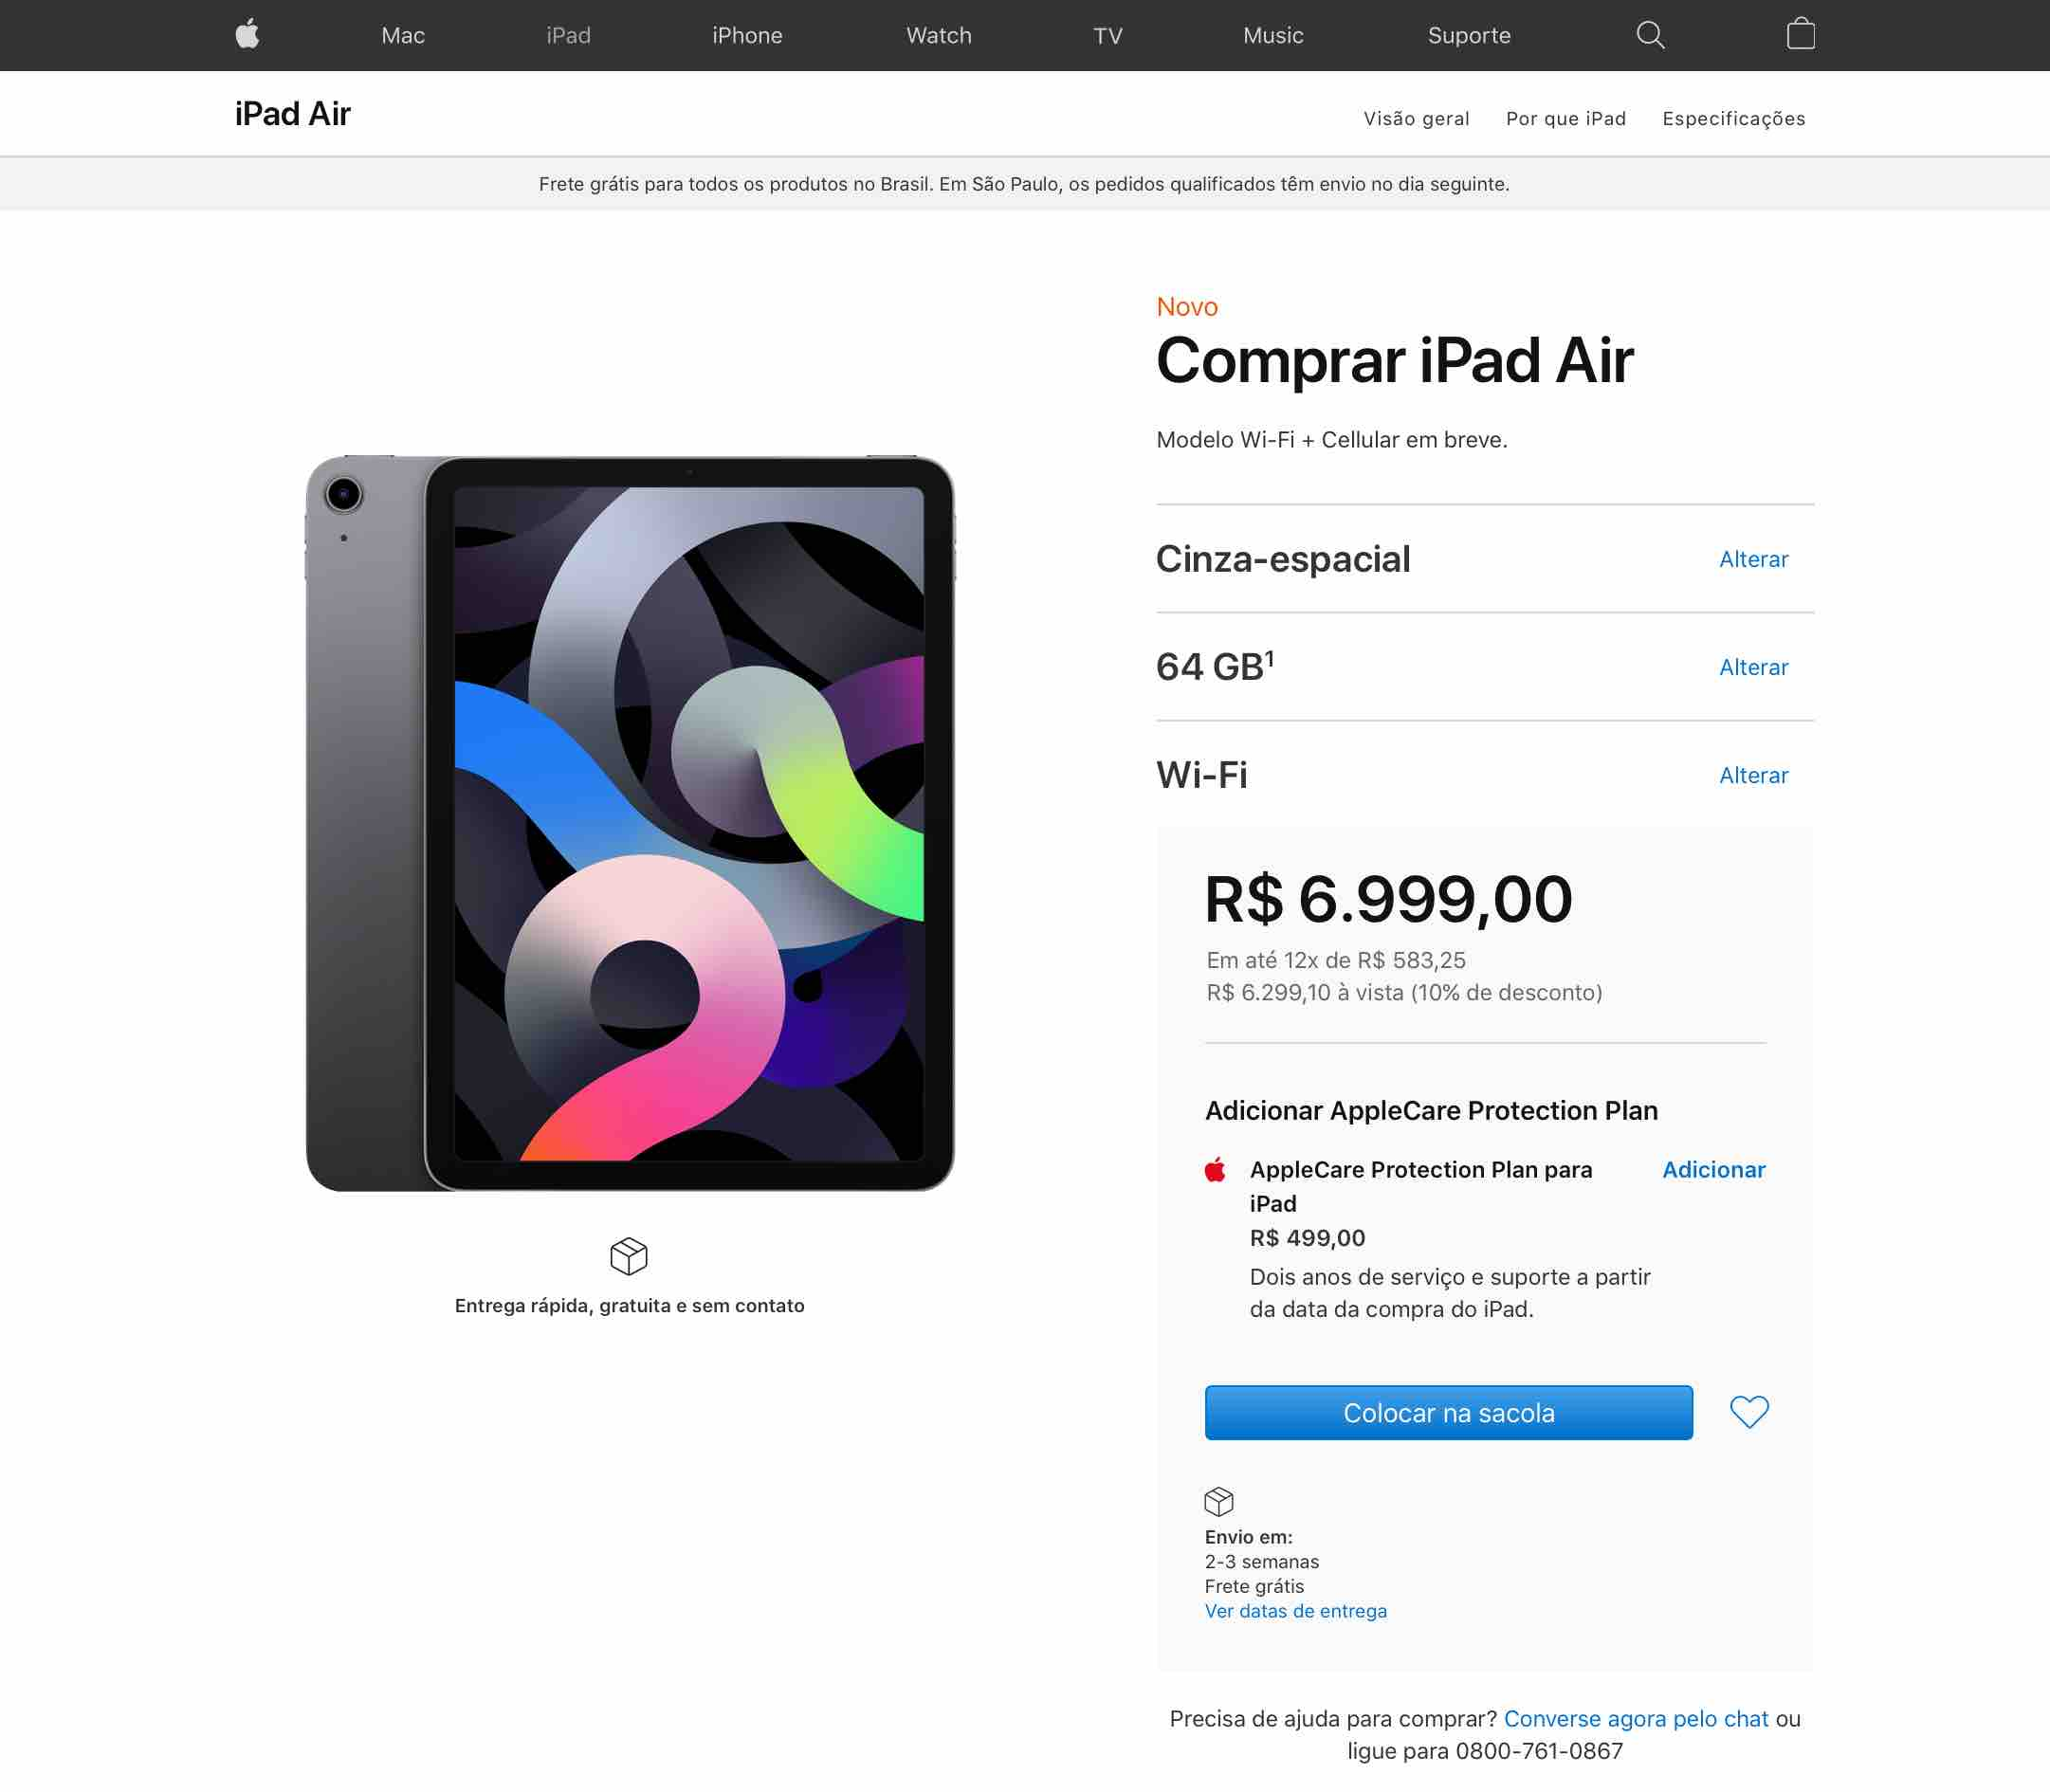 iPad Air à venda no Brasil